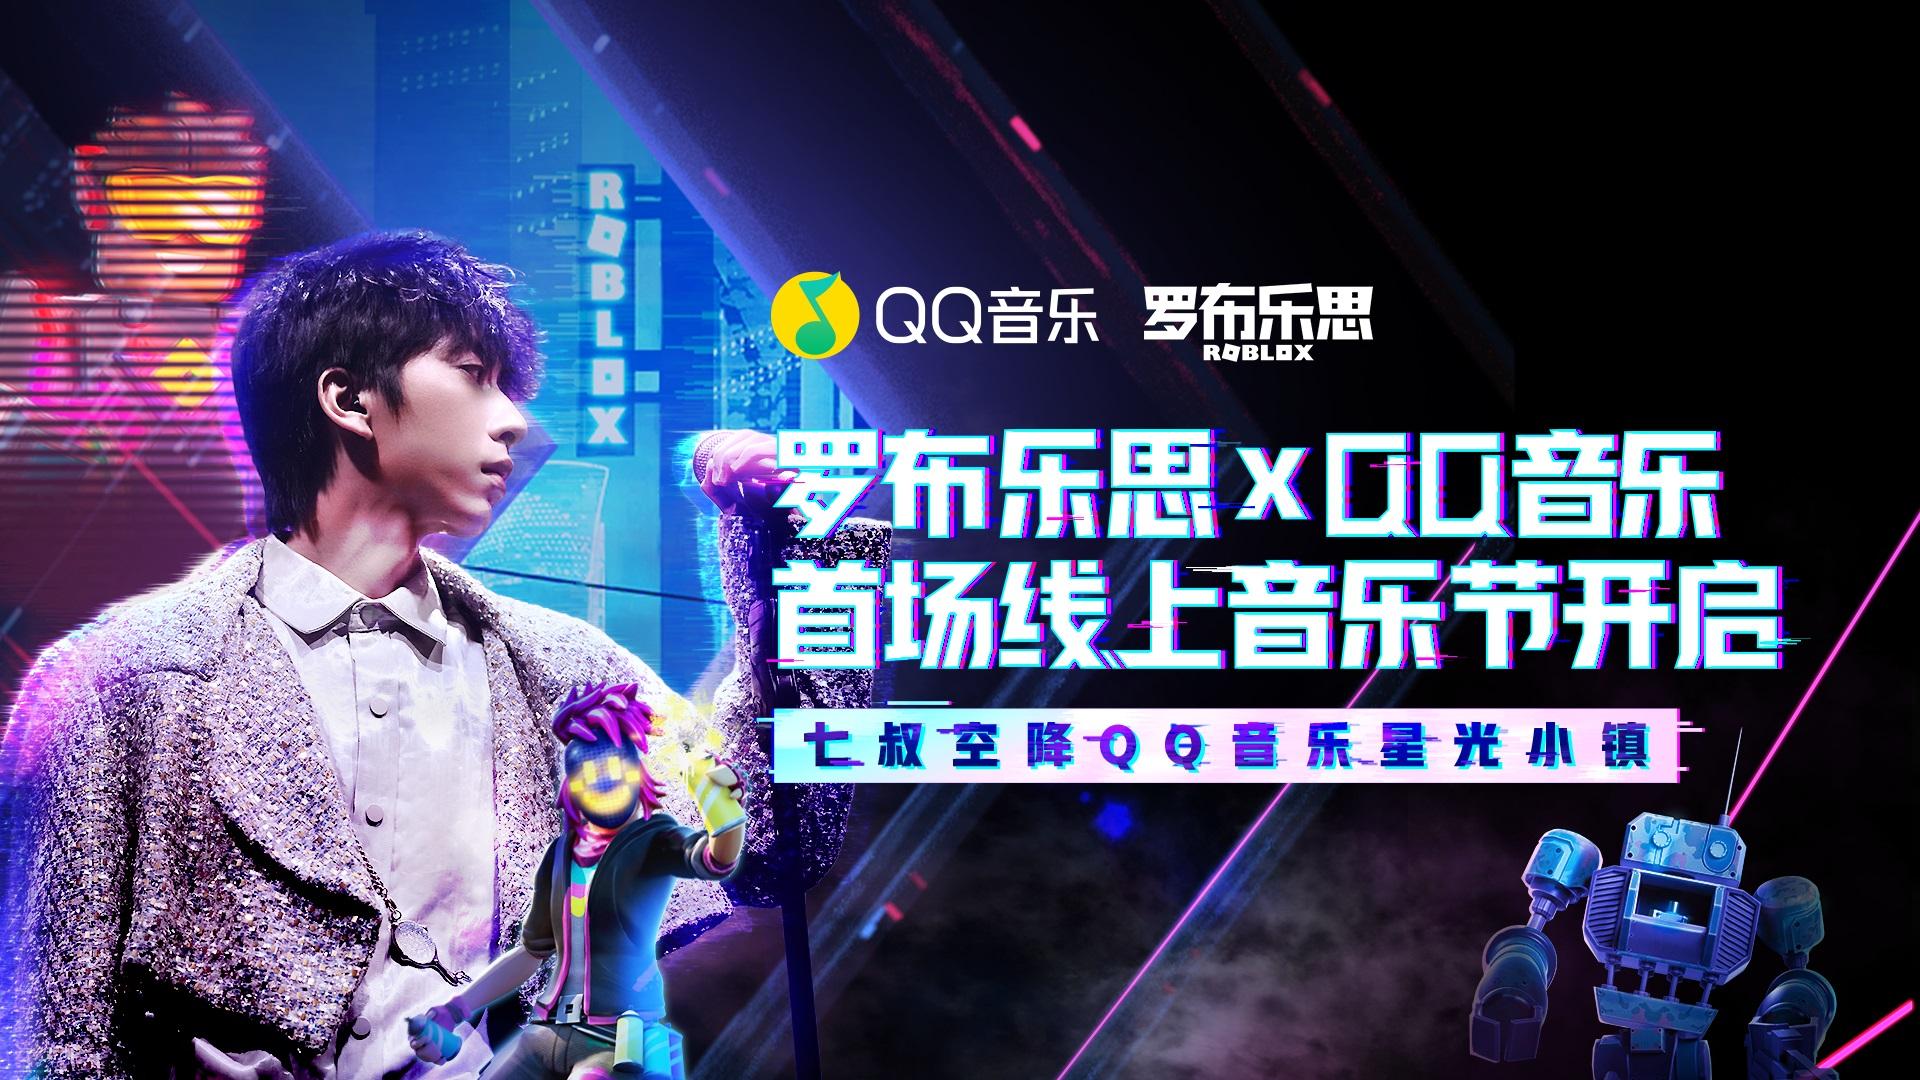 QQ音乐与罗布乐思战略合作,打造沉浸式音娱游戏《QQ音乐星光小镇》